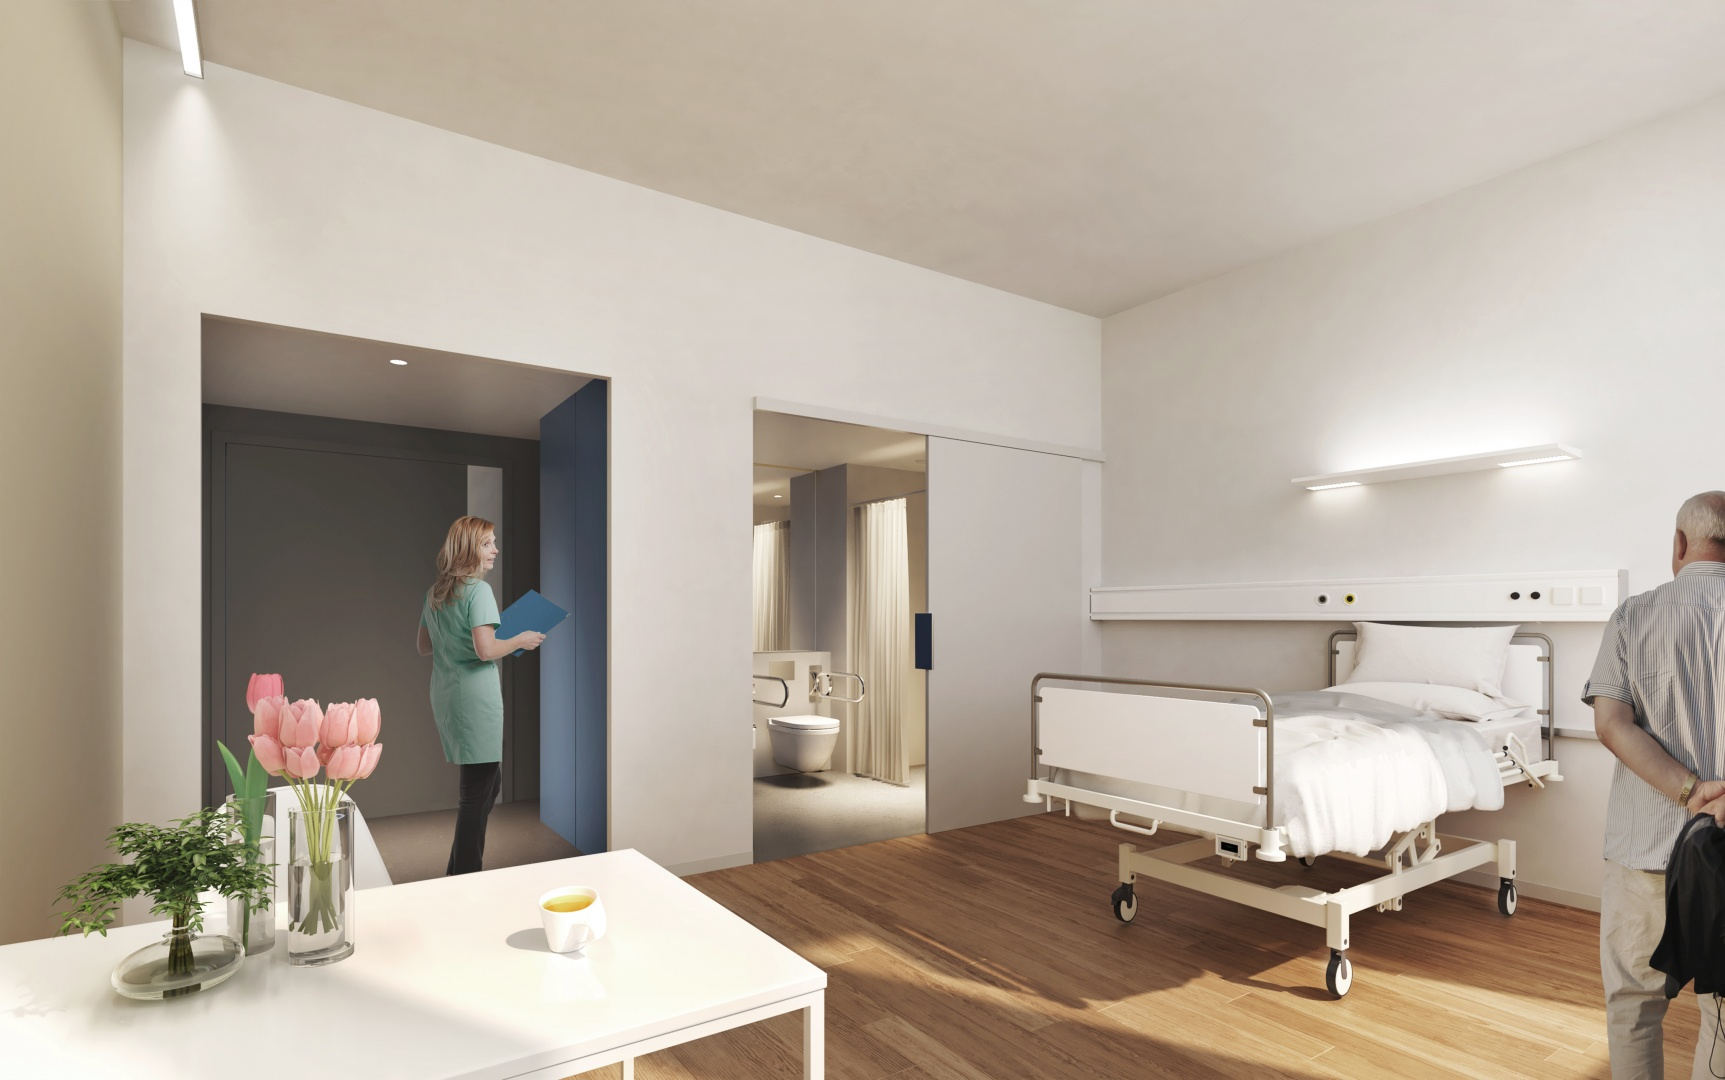 BB12 - Einzelzimmer © Planergemeinschaft Archipel, Seelandweg 7, 3013 Bern